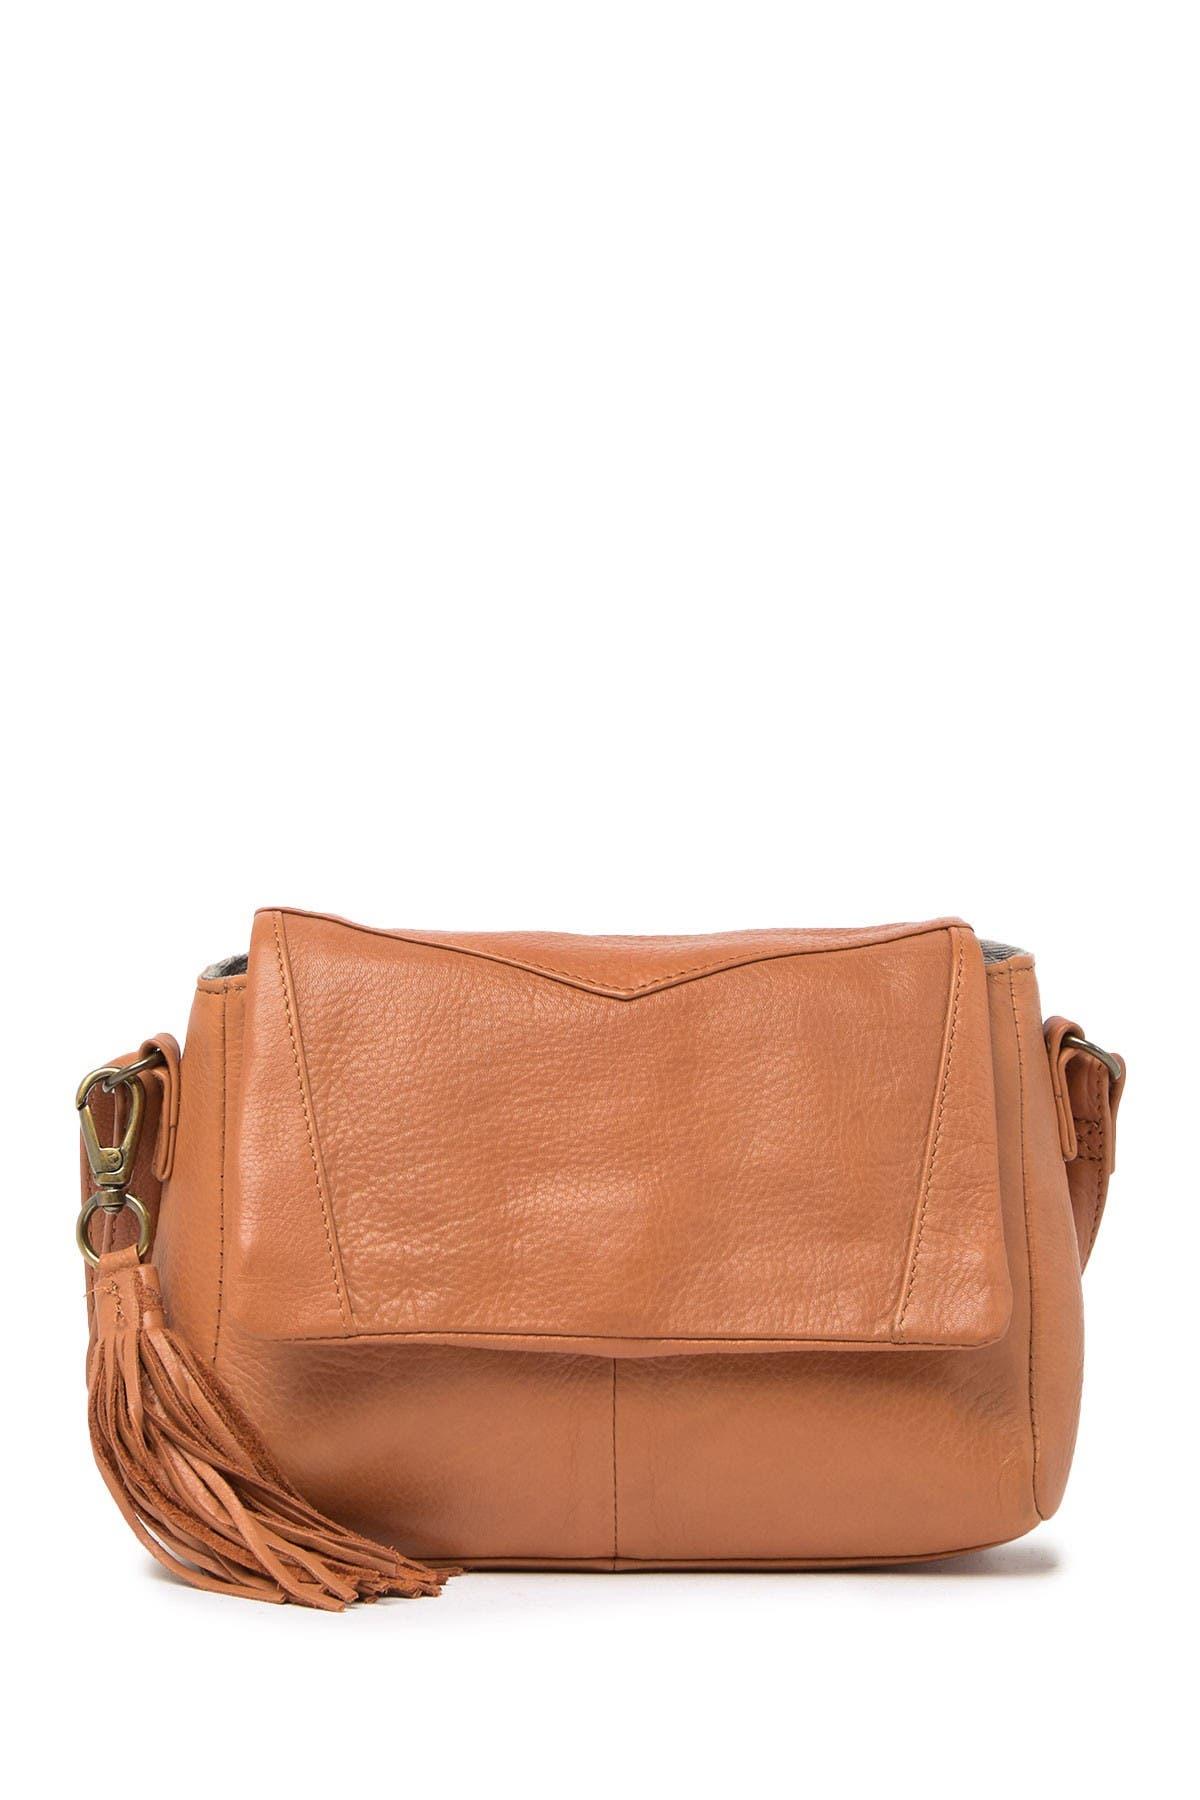 Image of Day & Mood Neel Leather Crossbody Bag